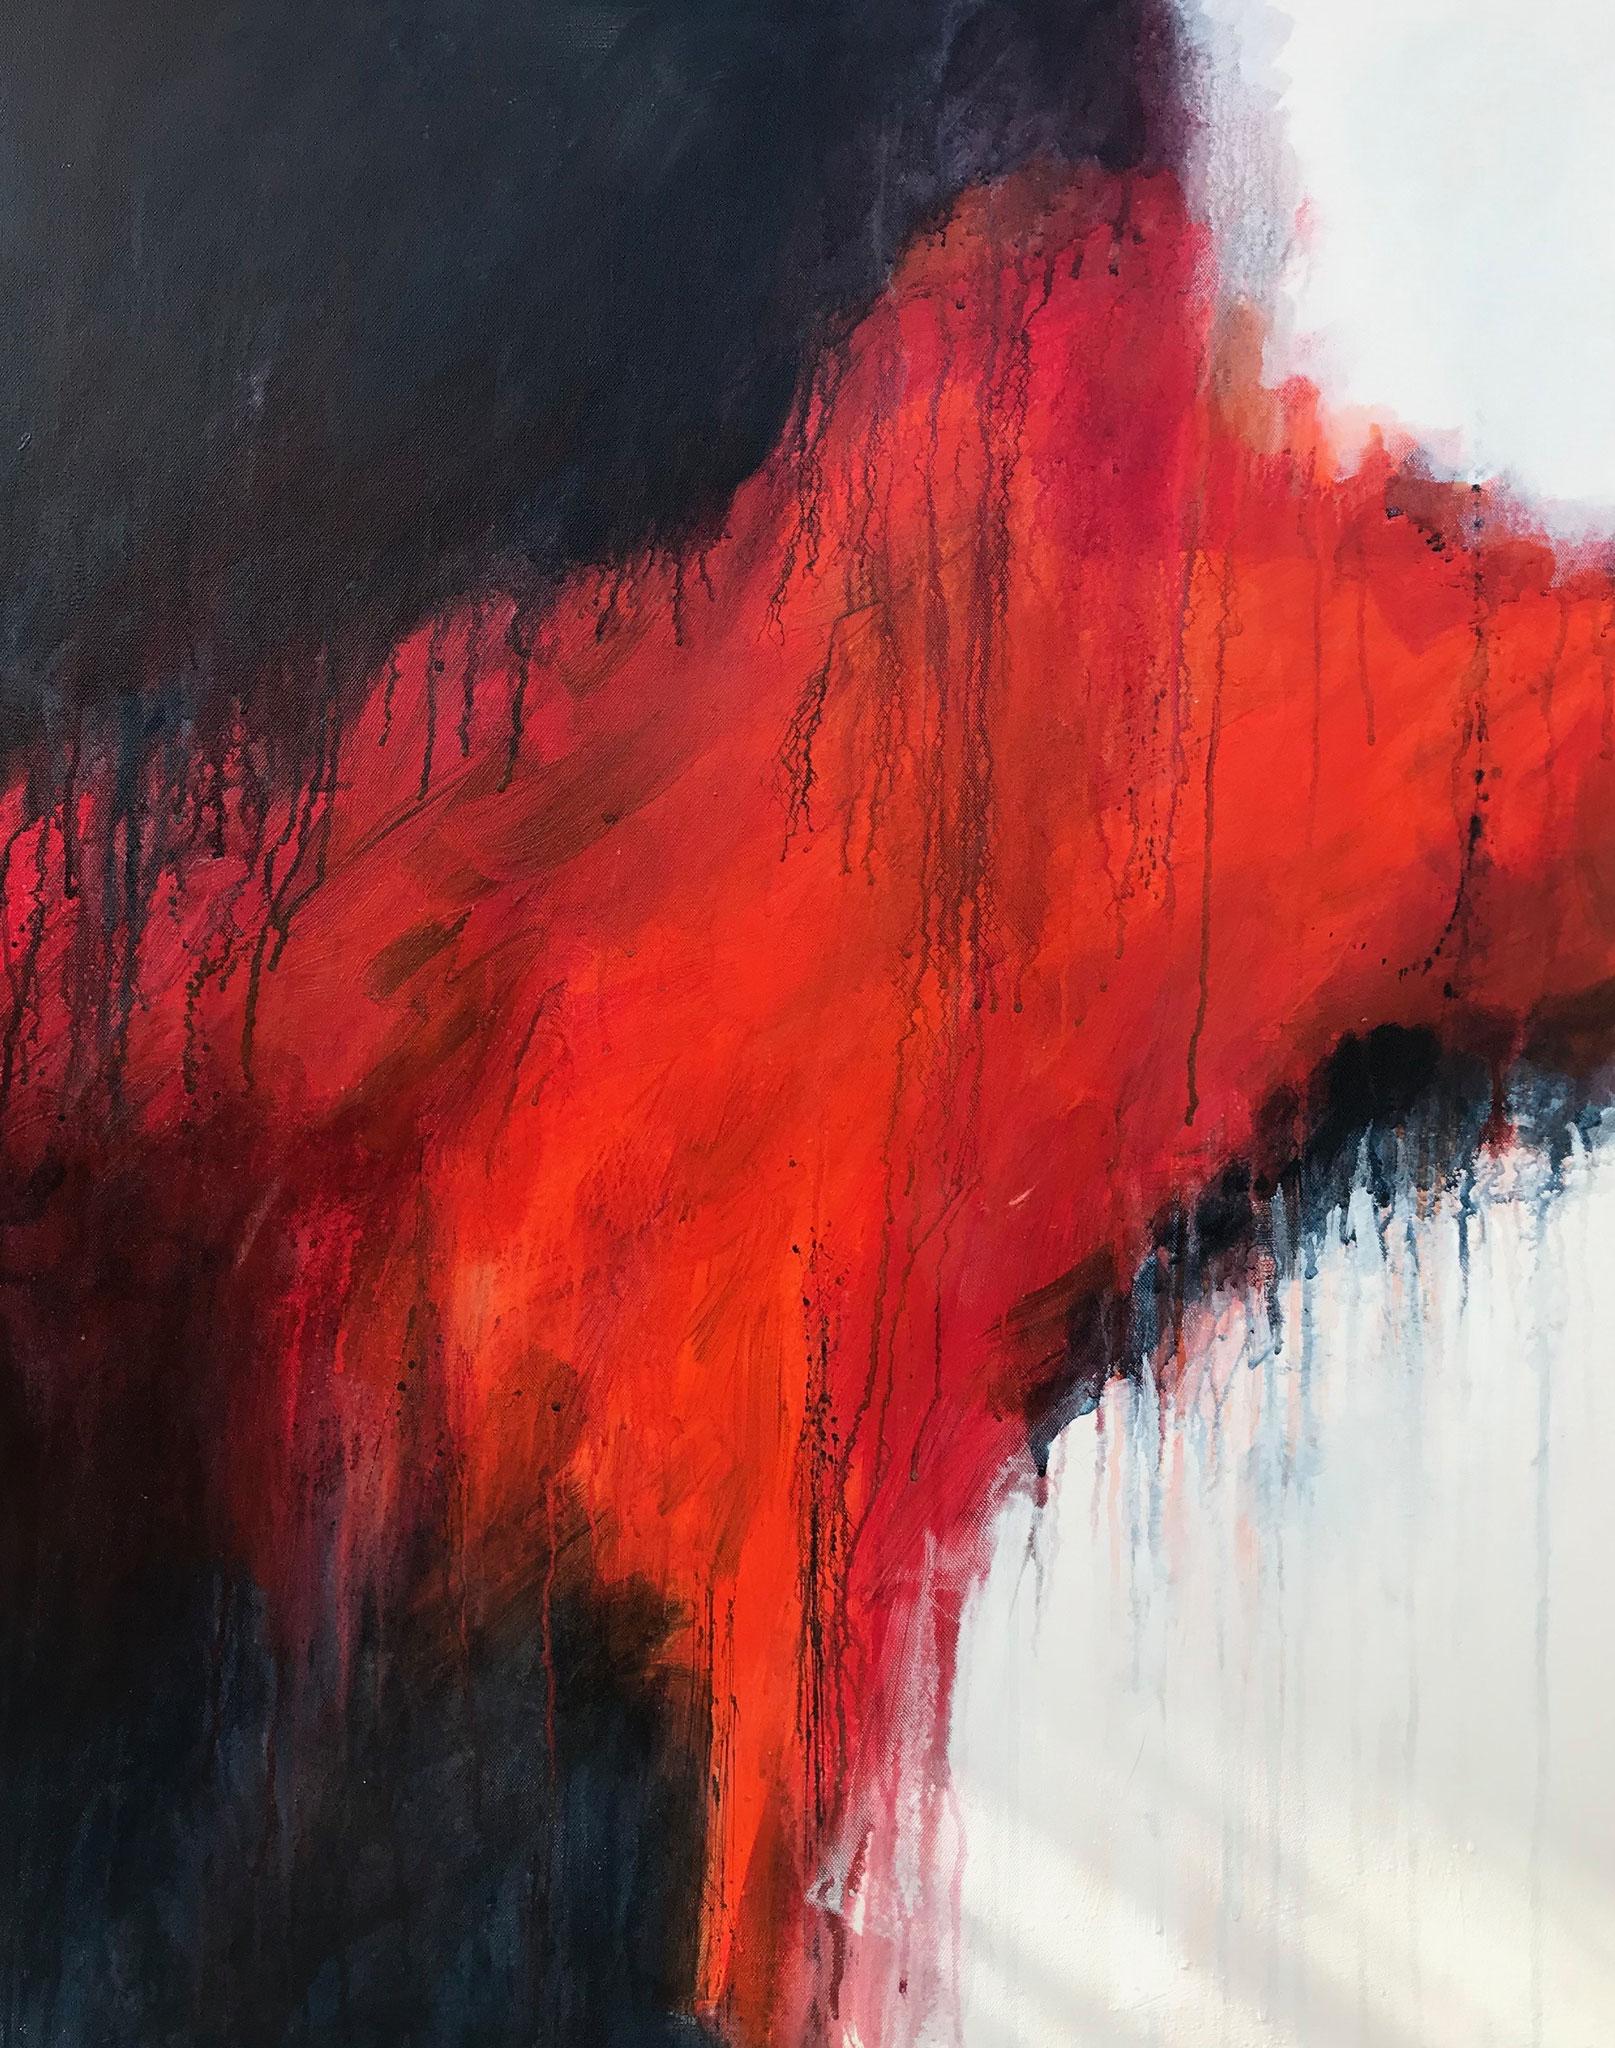 Les Enfers # 3 - 92 x 73 cm - Acrylique sur toile - 2019